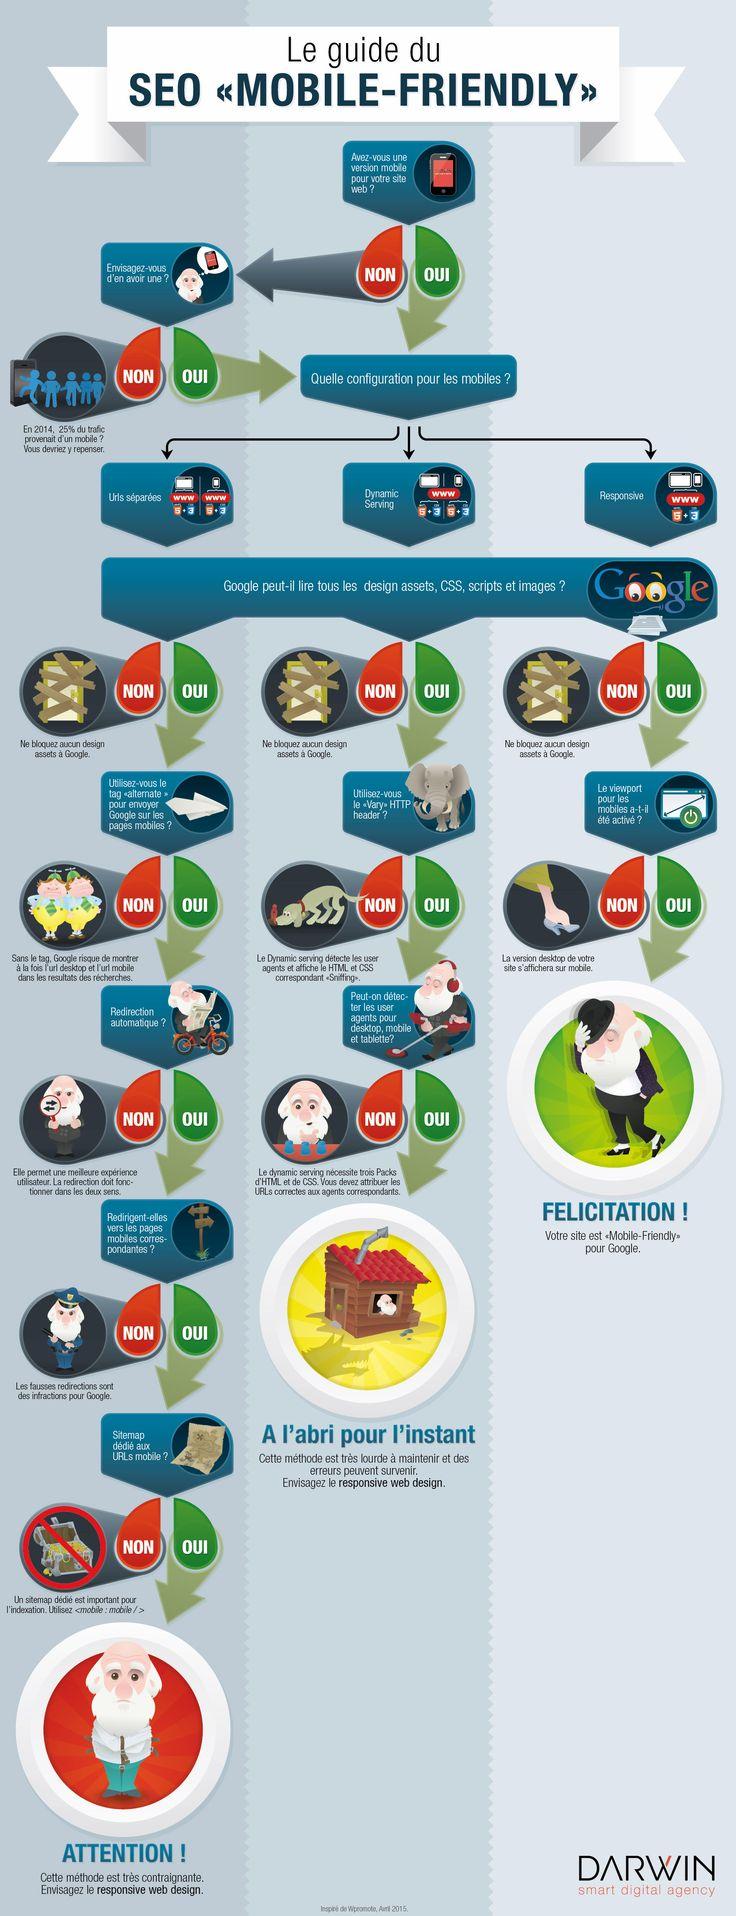 [Infographie] Le guide du SEO mobile-friendly : comment optimiser sa plateforme …